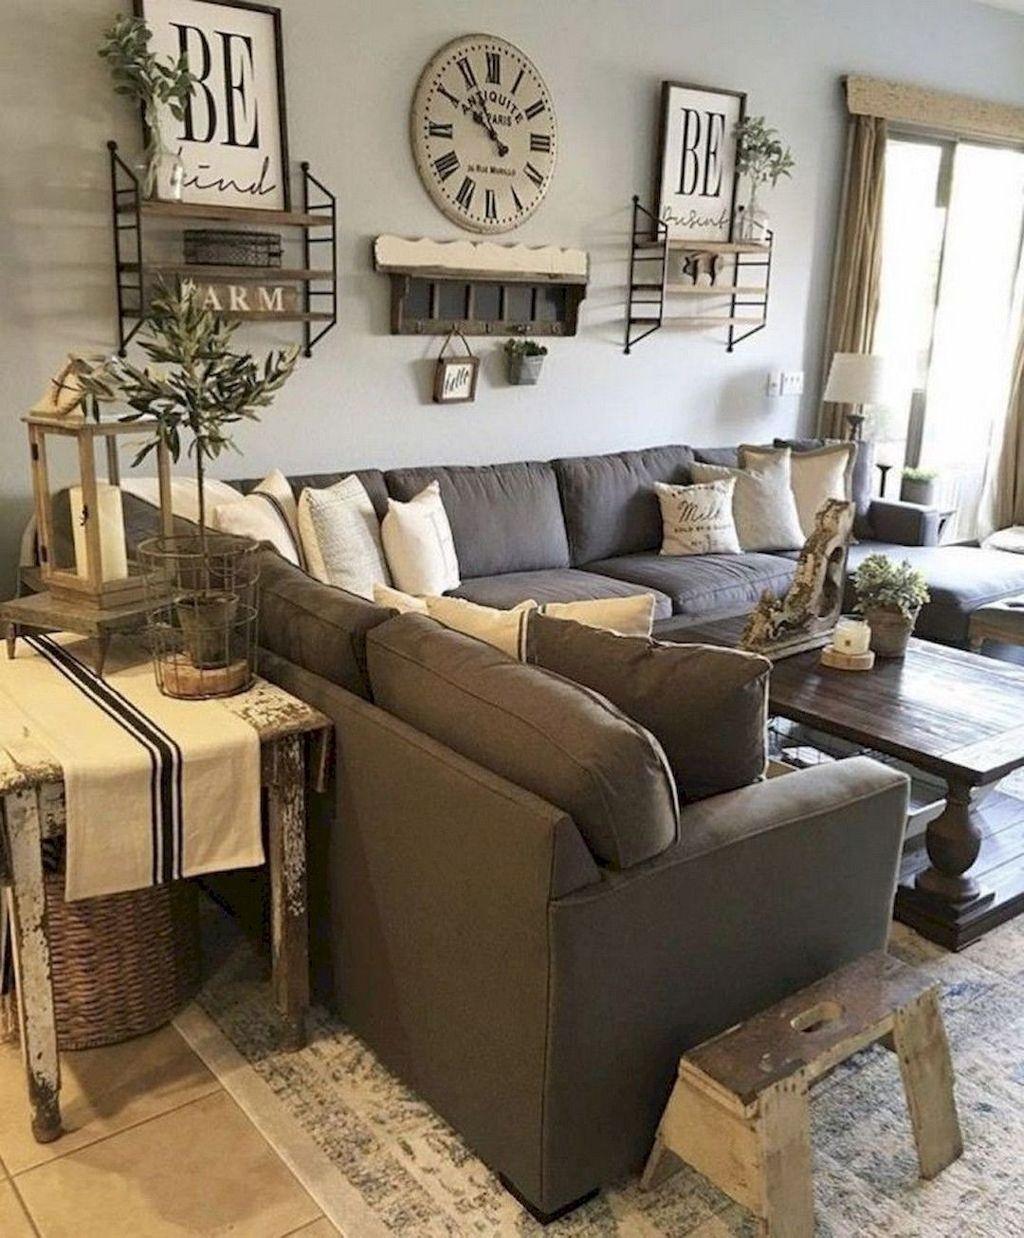 Nice Boho Farmhouse Design Ideas For Your Living Room Decoration 27